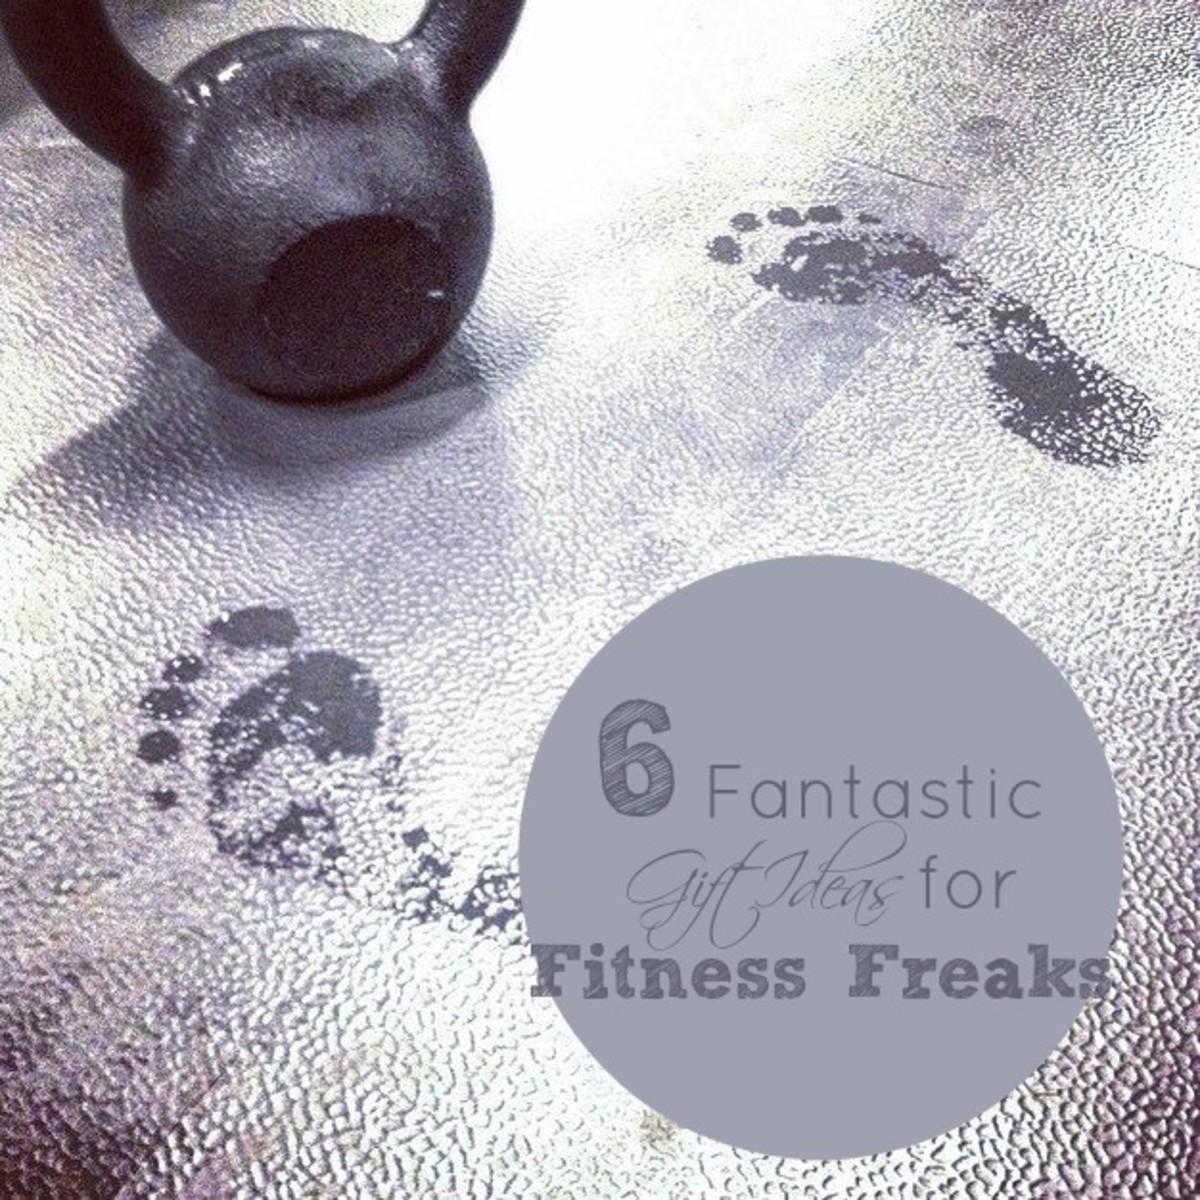 6 Fantastic Gift Ideas for Fitness Freaks